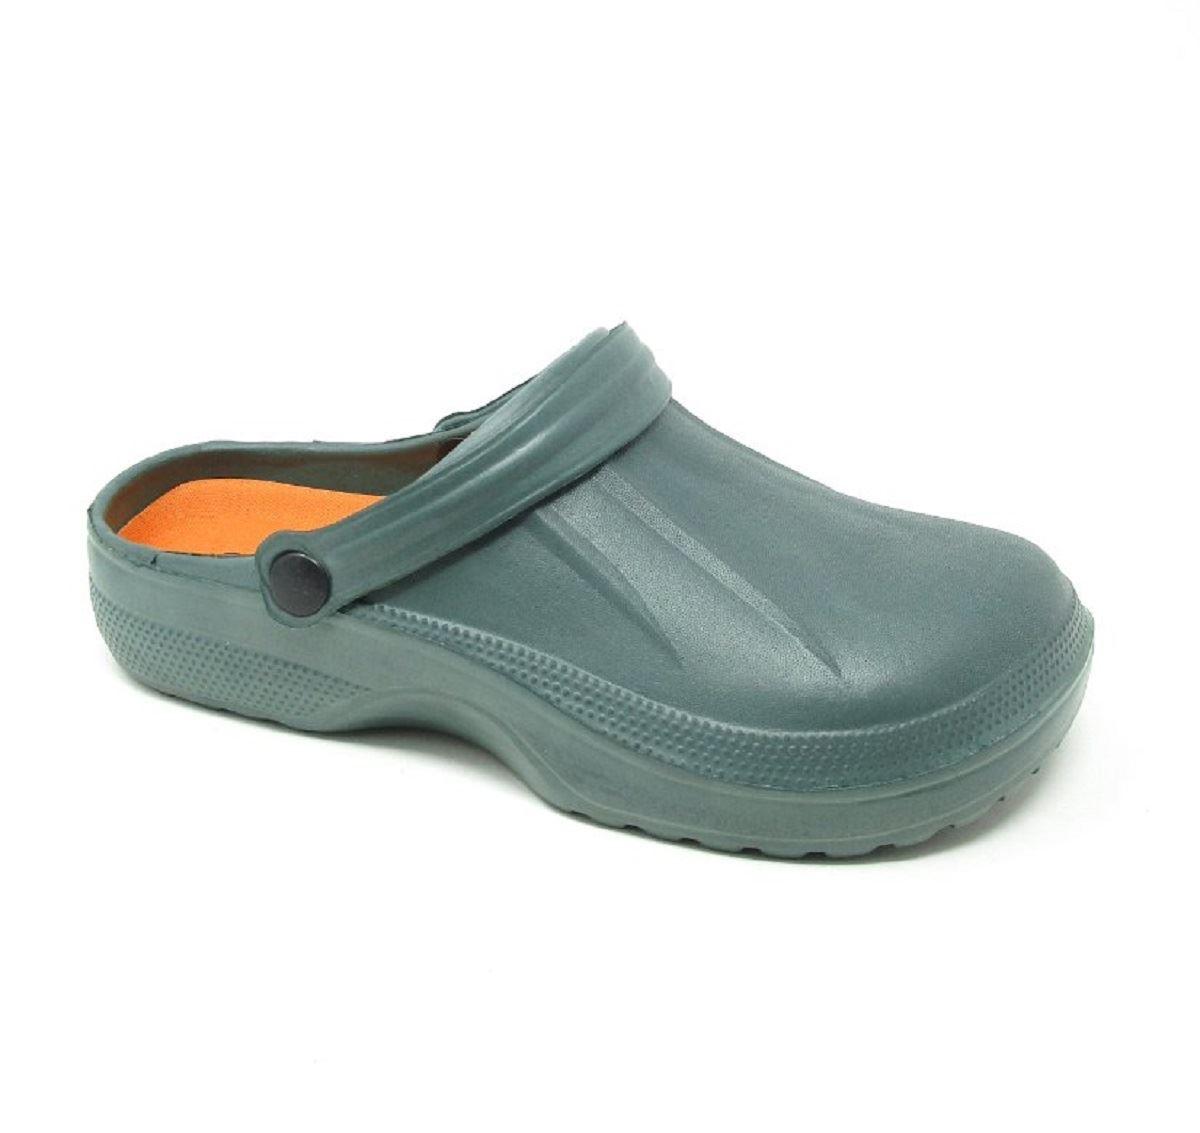 Womens-Clogs-Mules-Slipper-Nursing-Garden-Beach-Sandals-Hospital-Rubber-Shoes miniatura 18